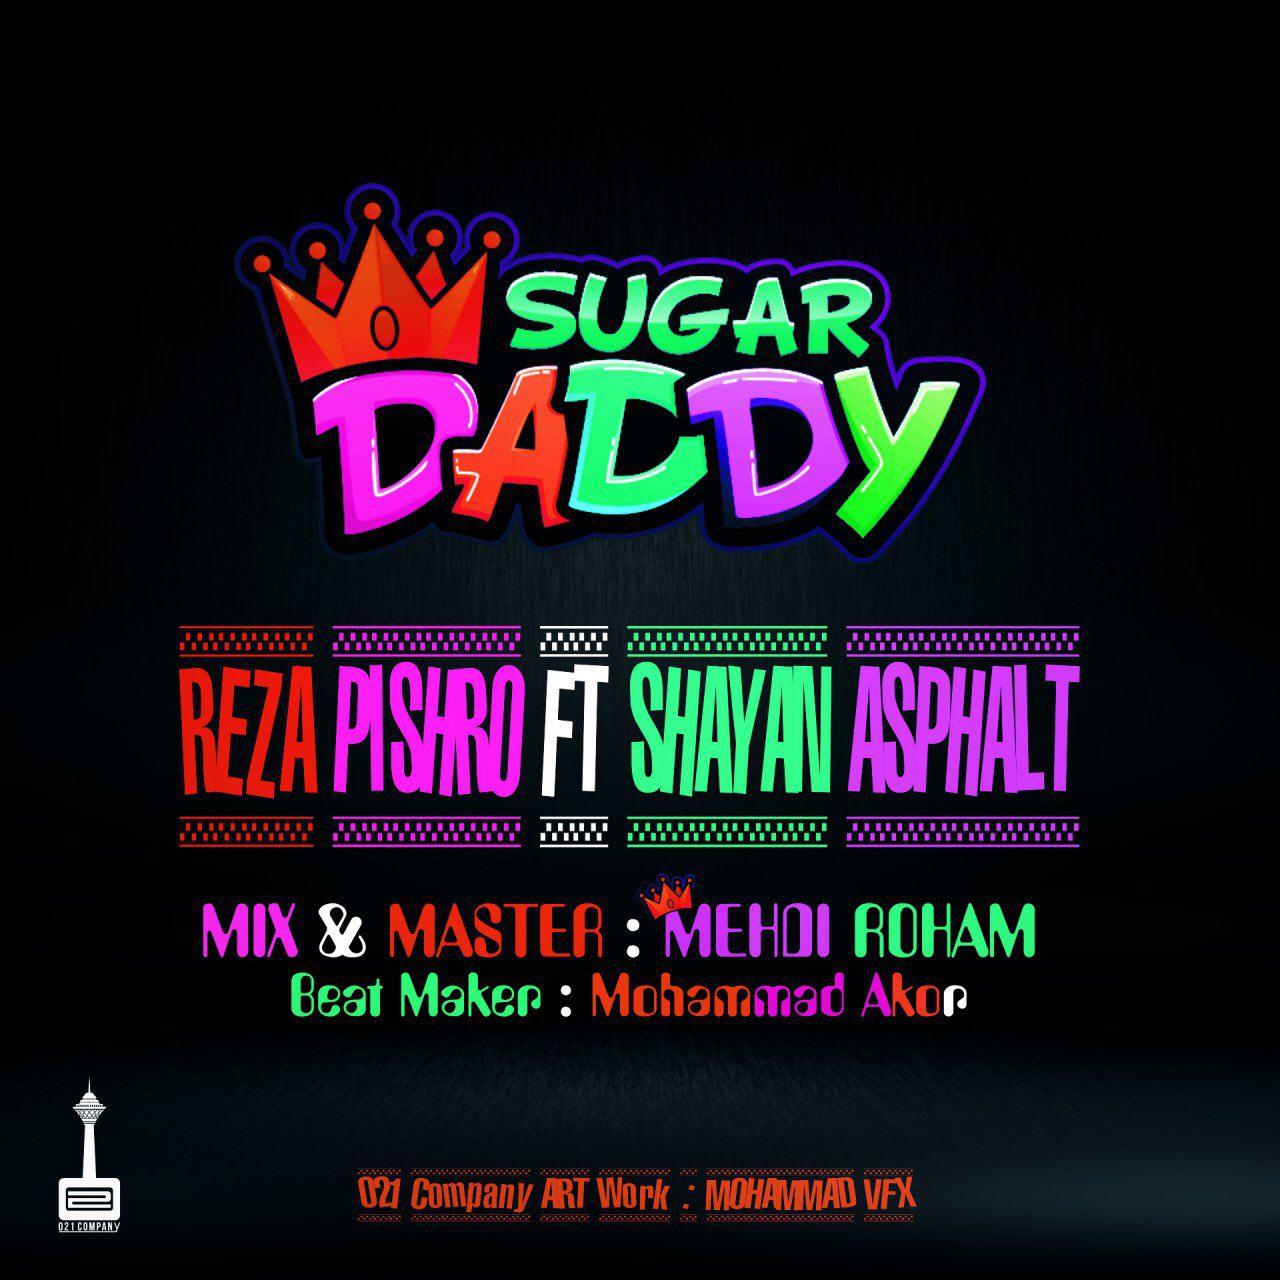 دانلود موزیک جدید و بسیار زیبای رضا پیشرو و شایان آسفالت به نام Sugar Daddy